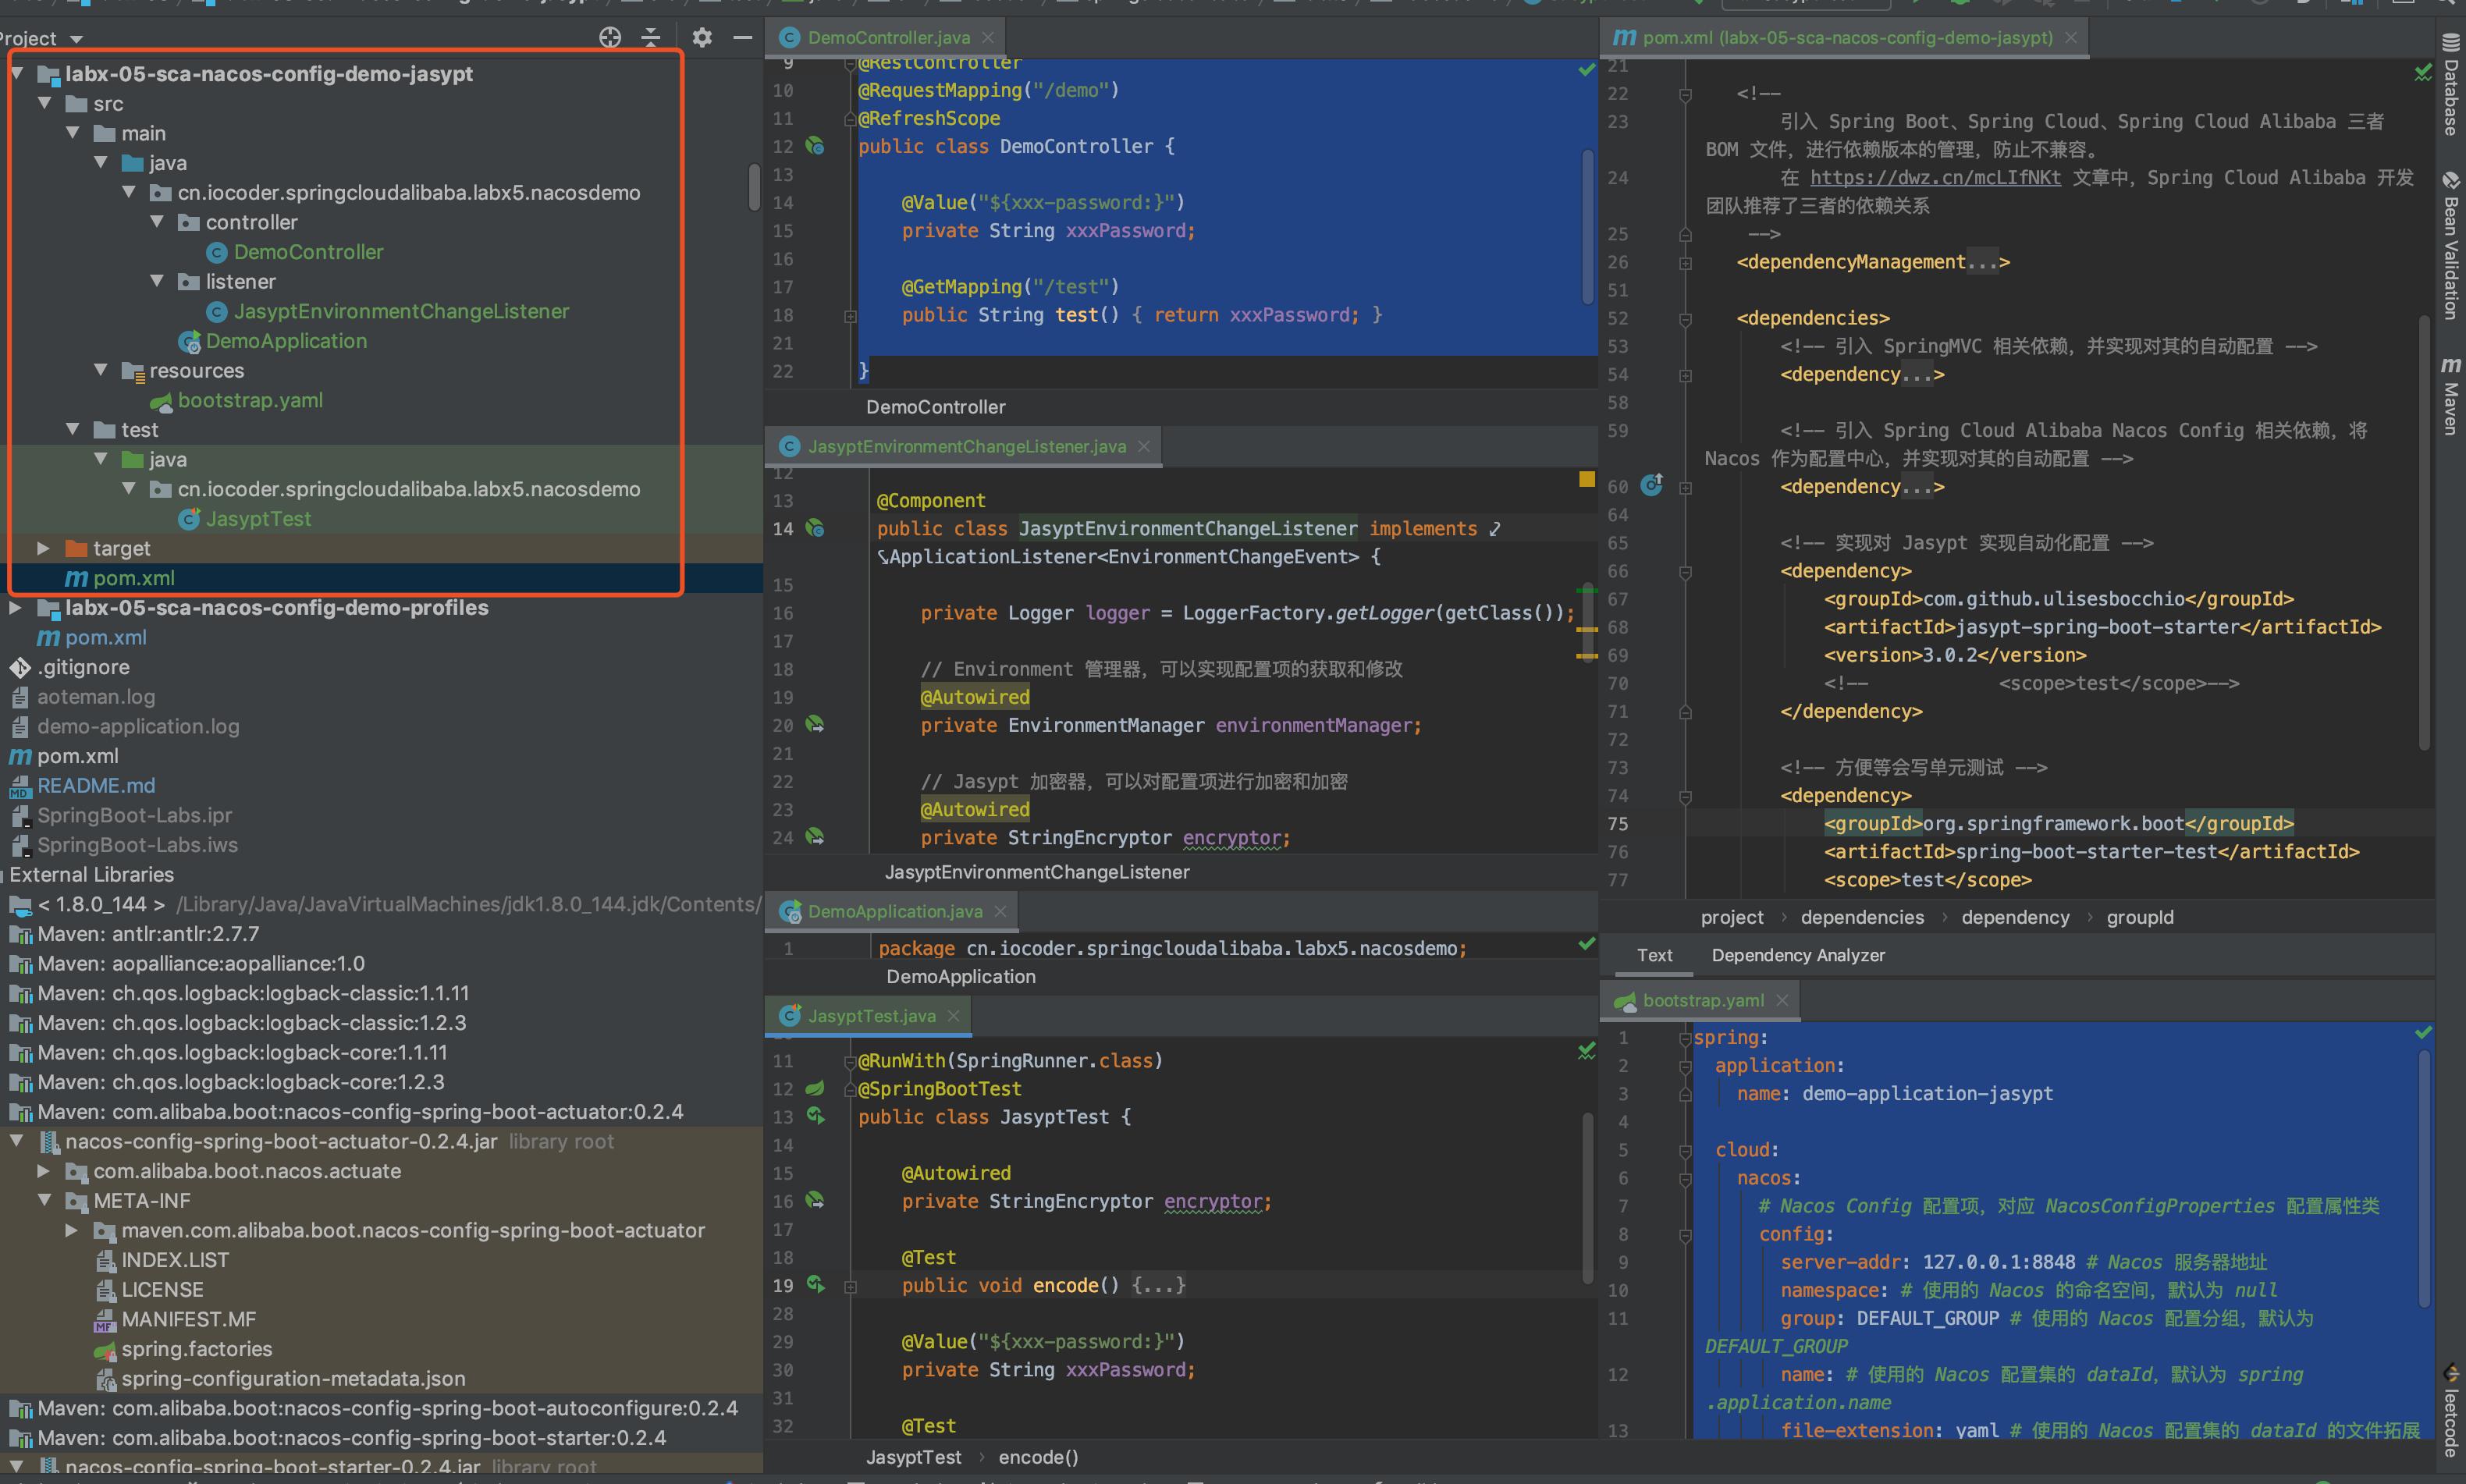 `labx-05-sca-nacos-config-demo-jasypt` 项目